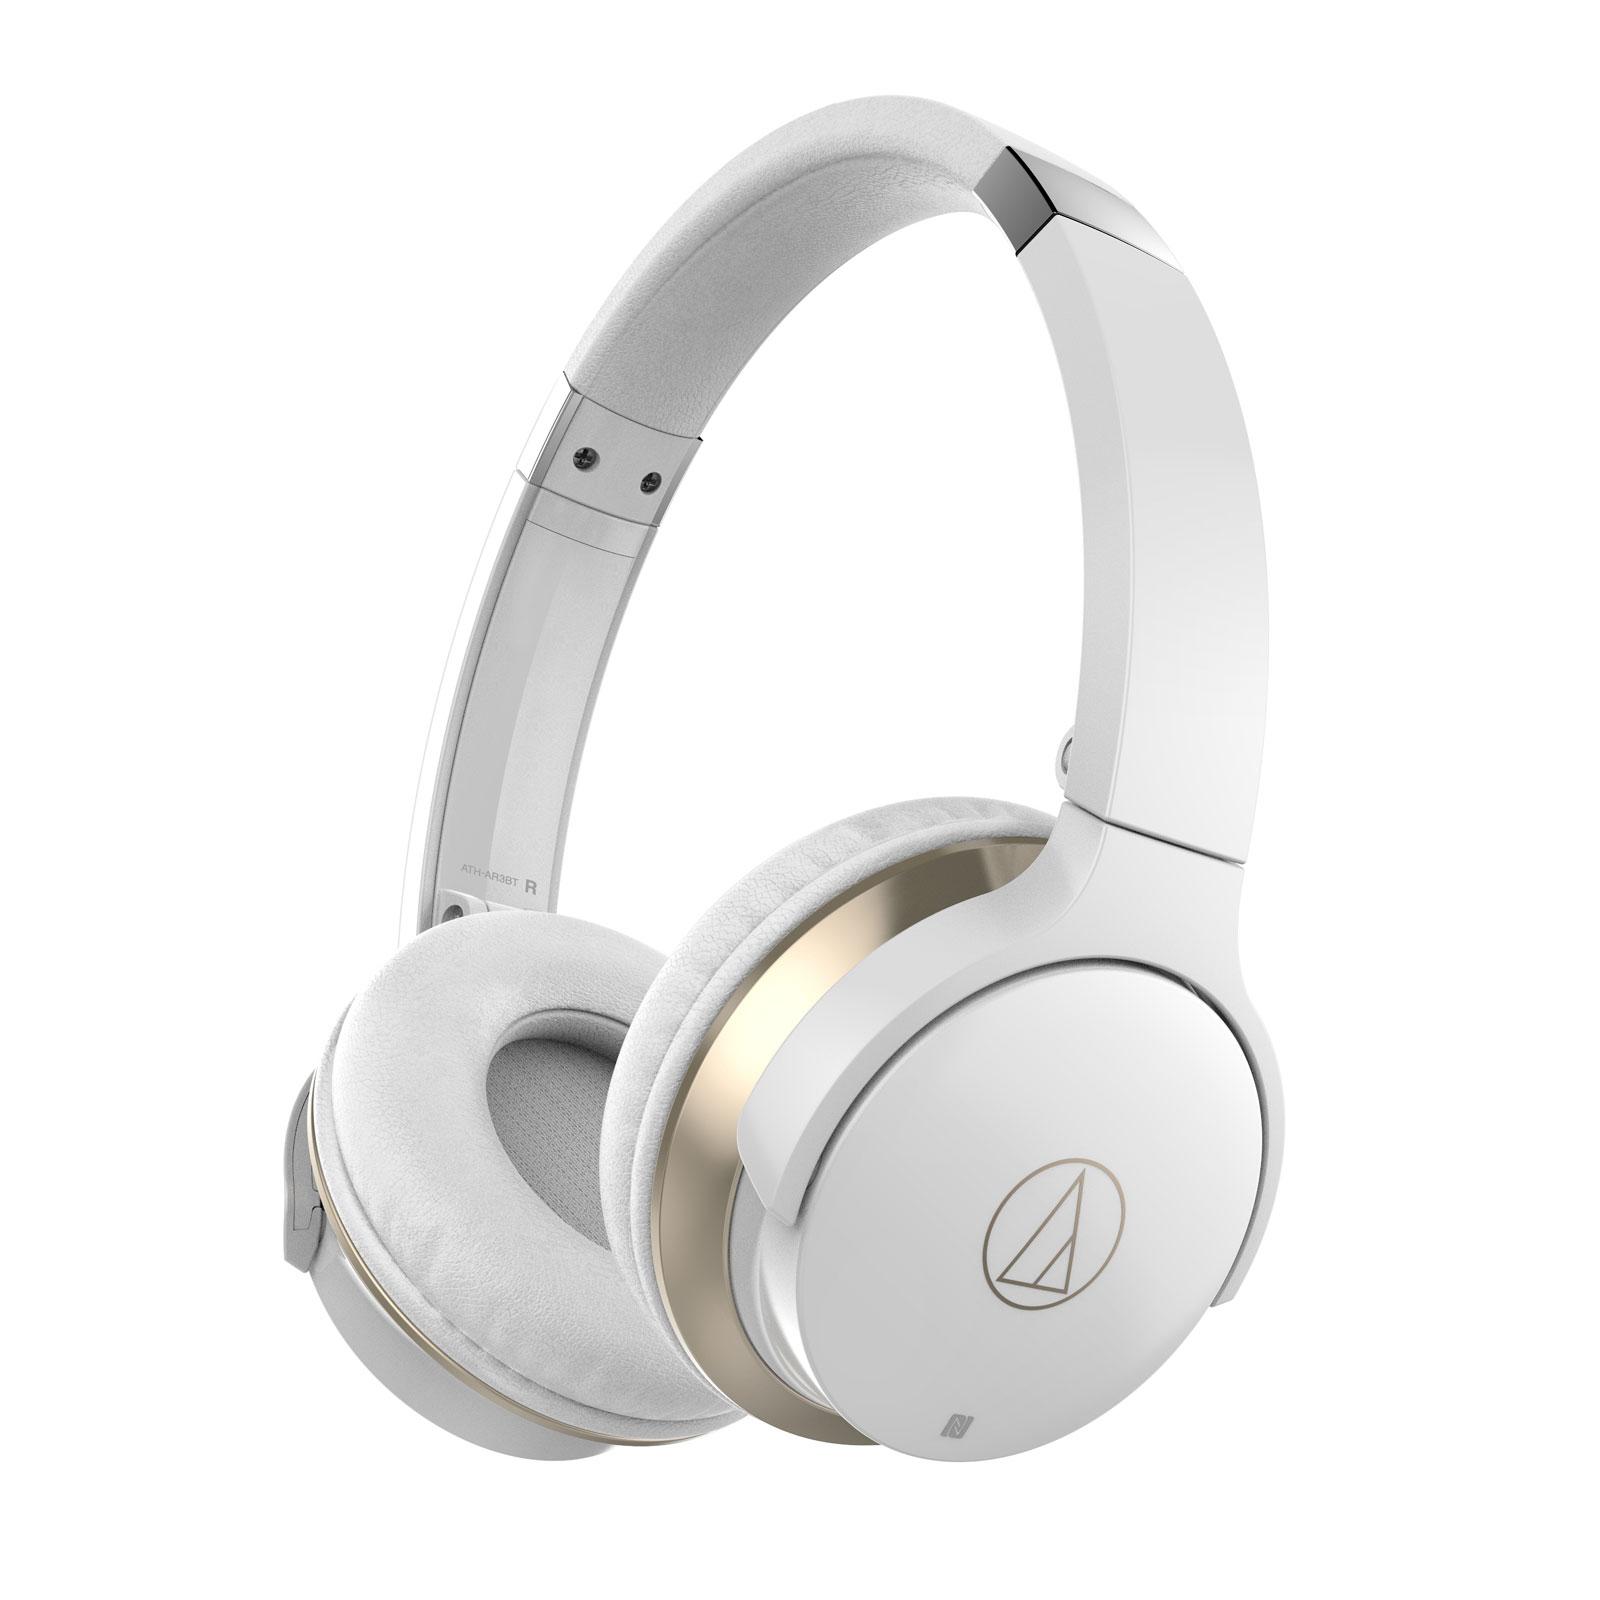 Casque Audio-Technica ATH-AR3BT Blanc Casque supra-auriculaire fermé sans fil Bluetooth/NFC avec télécommande